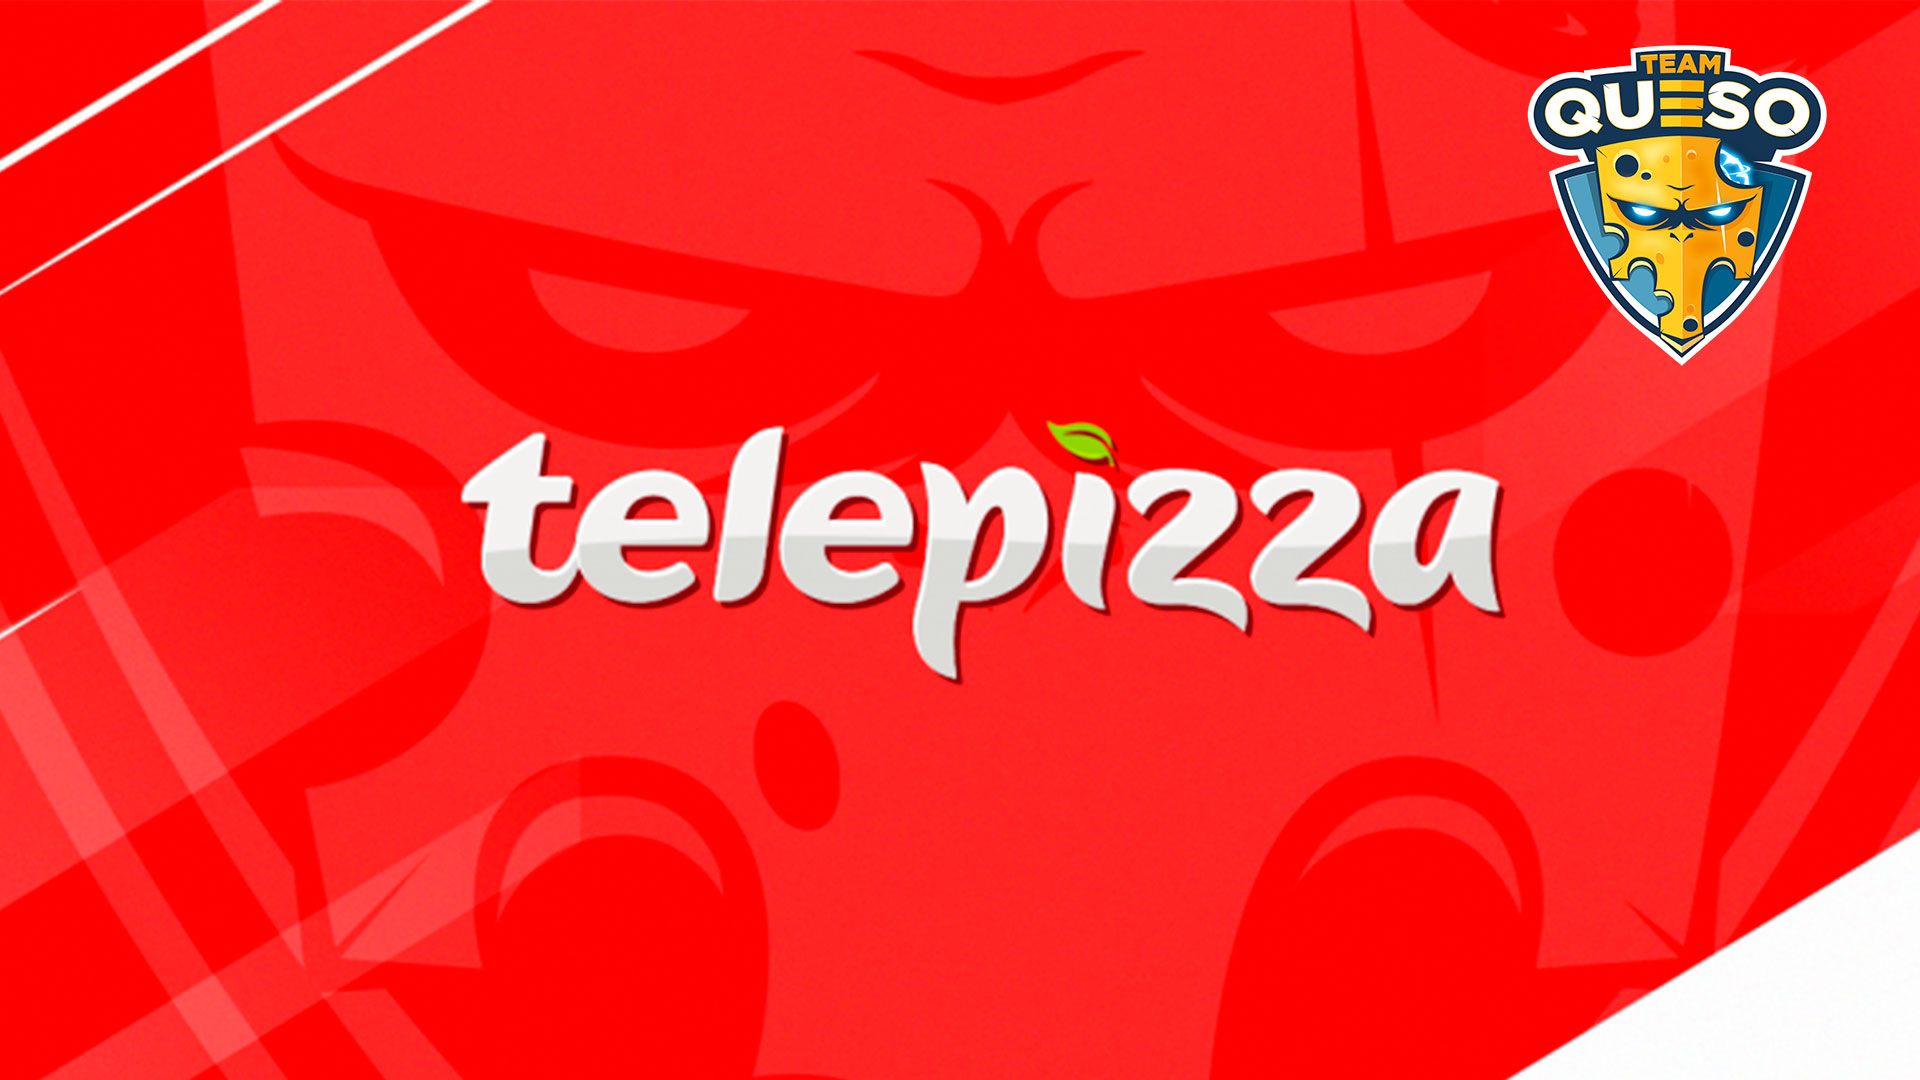 Telepizza se une al Team Queso